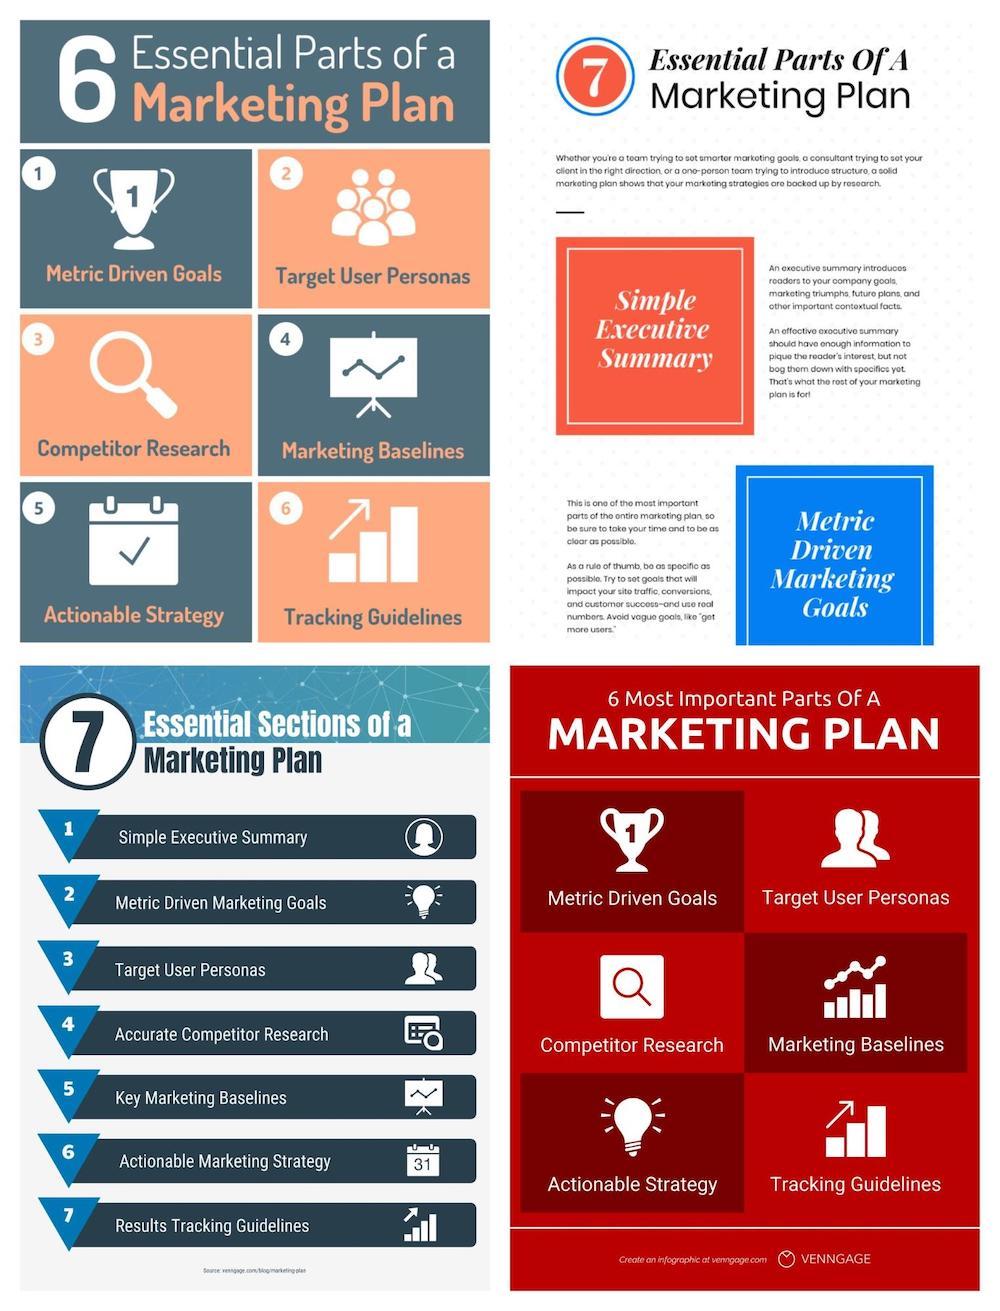 Social Media Strategy 37